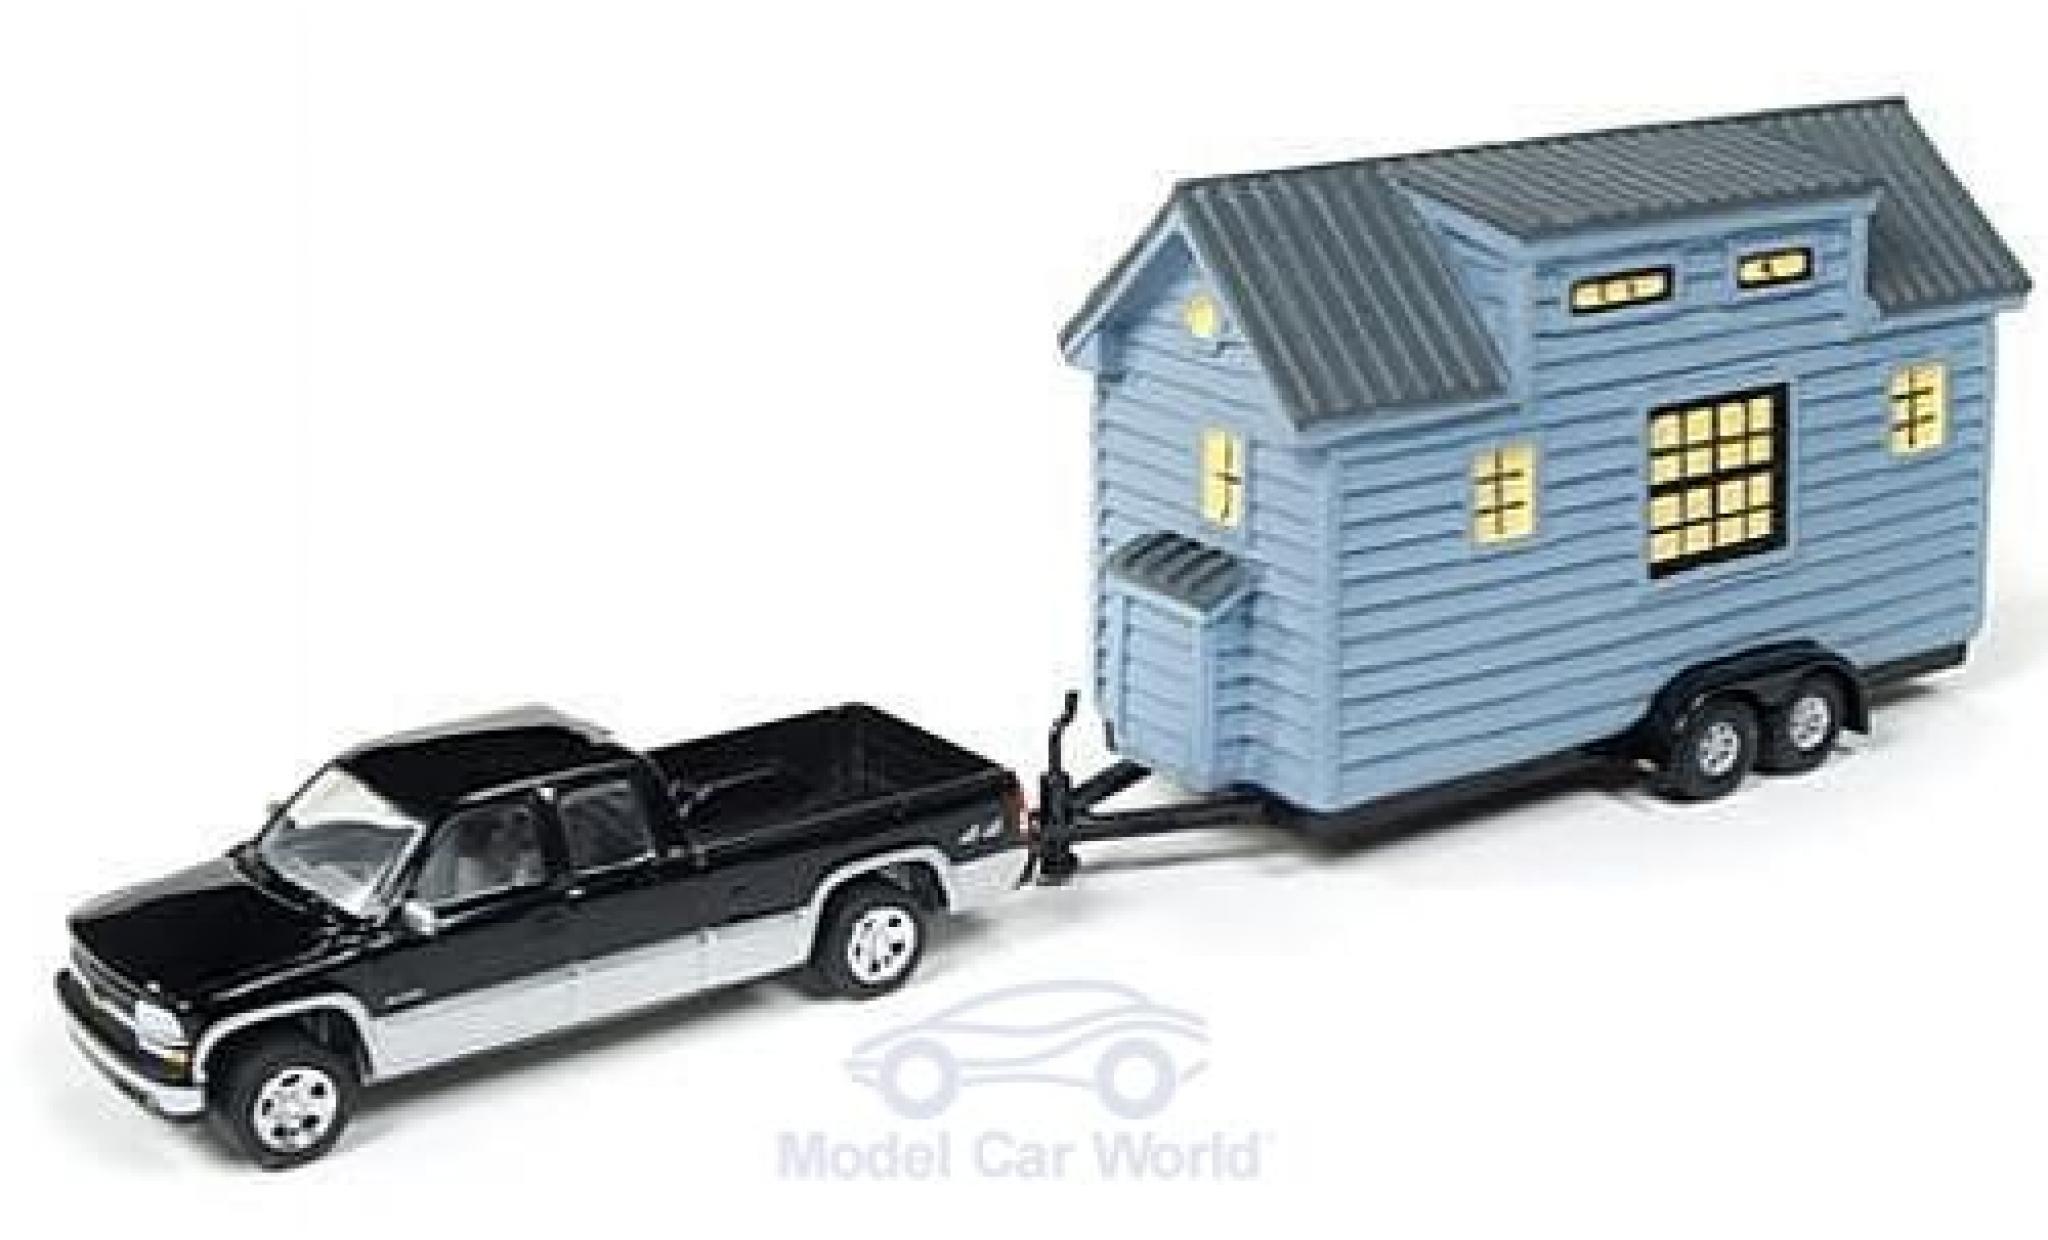 Chevrolet Silverado 1/64 Johnny Lightning 1500 metallise noire/grise 2002 mit Tiny House ohne Vitrine